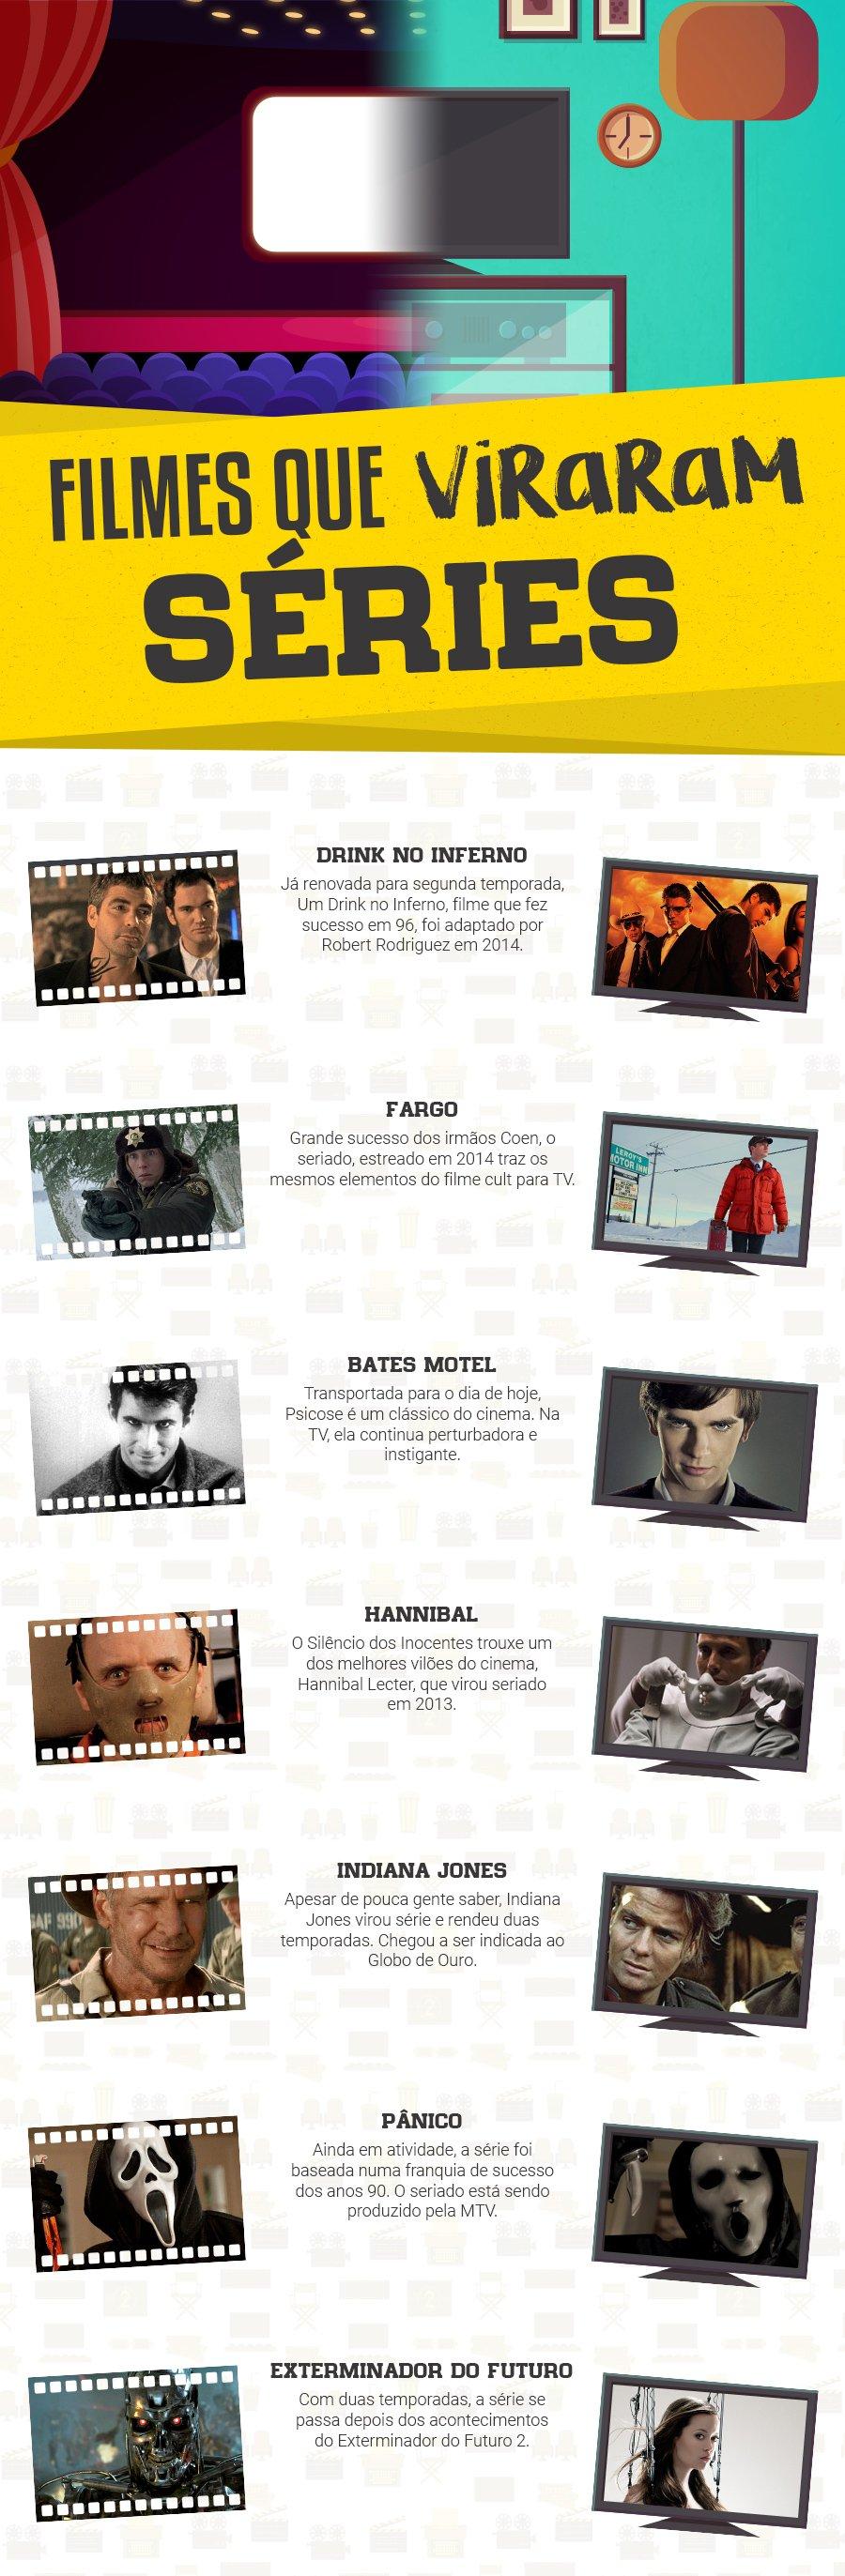 filmes que viraram series